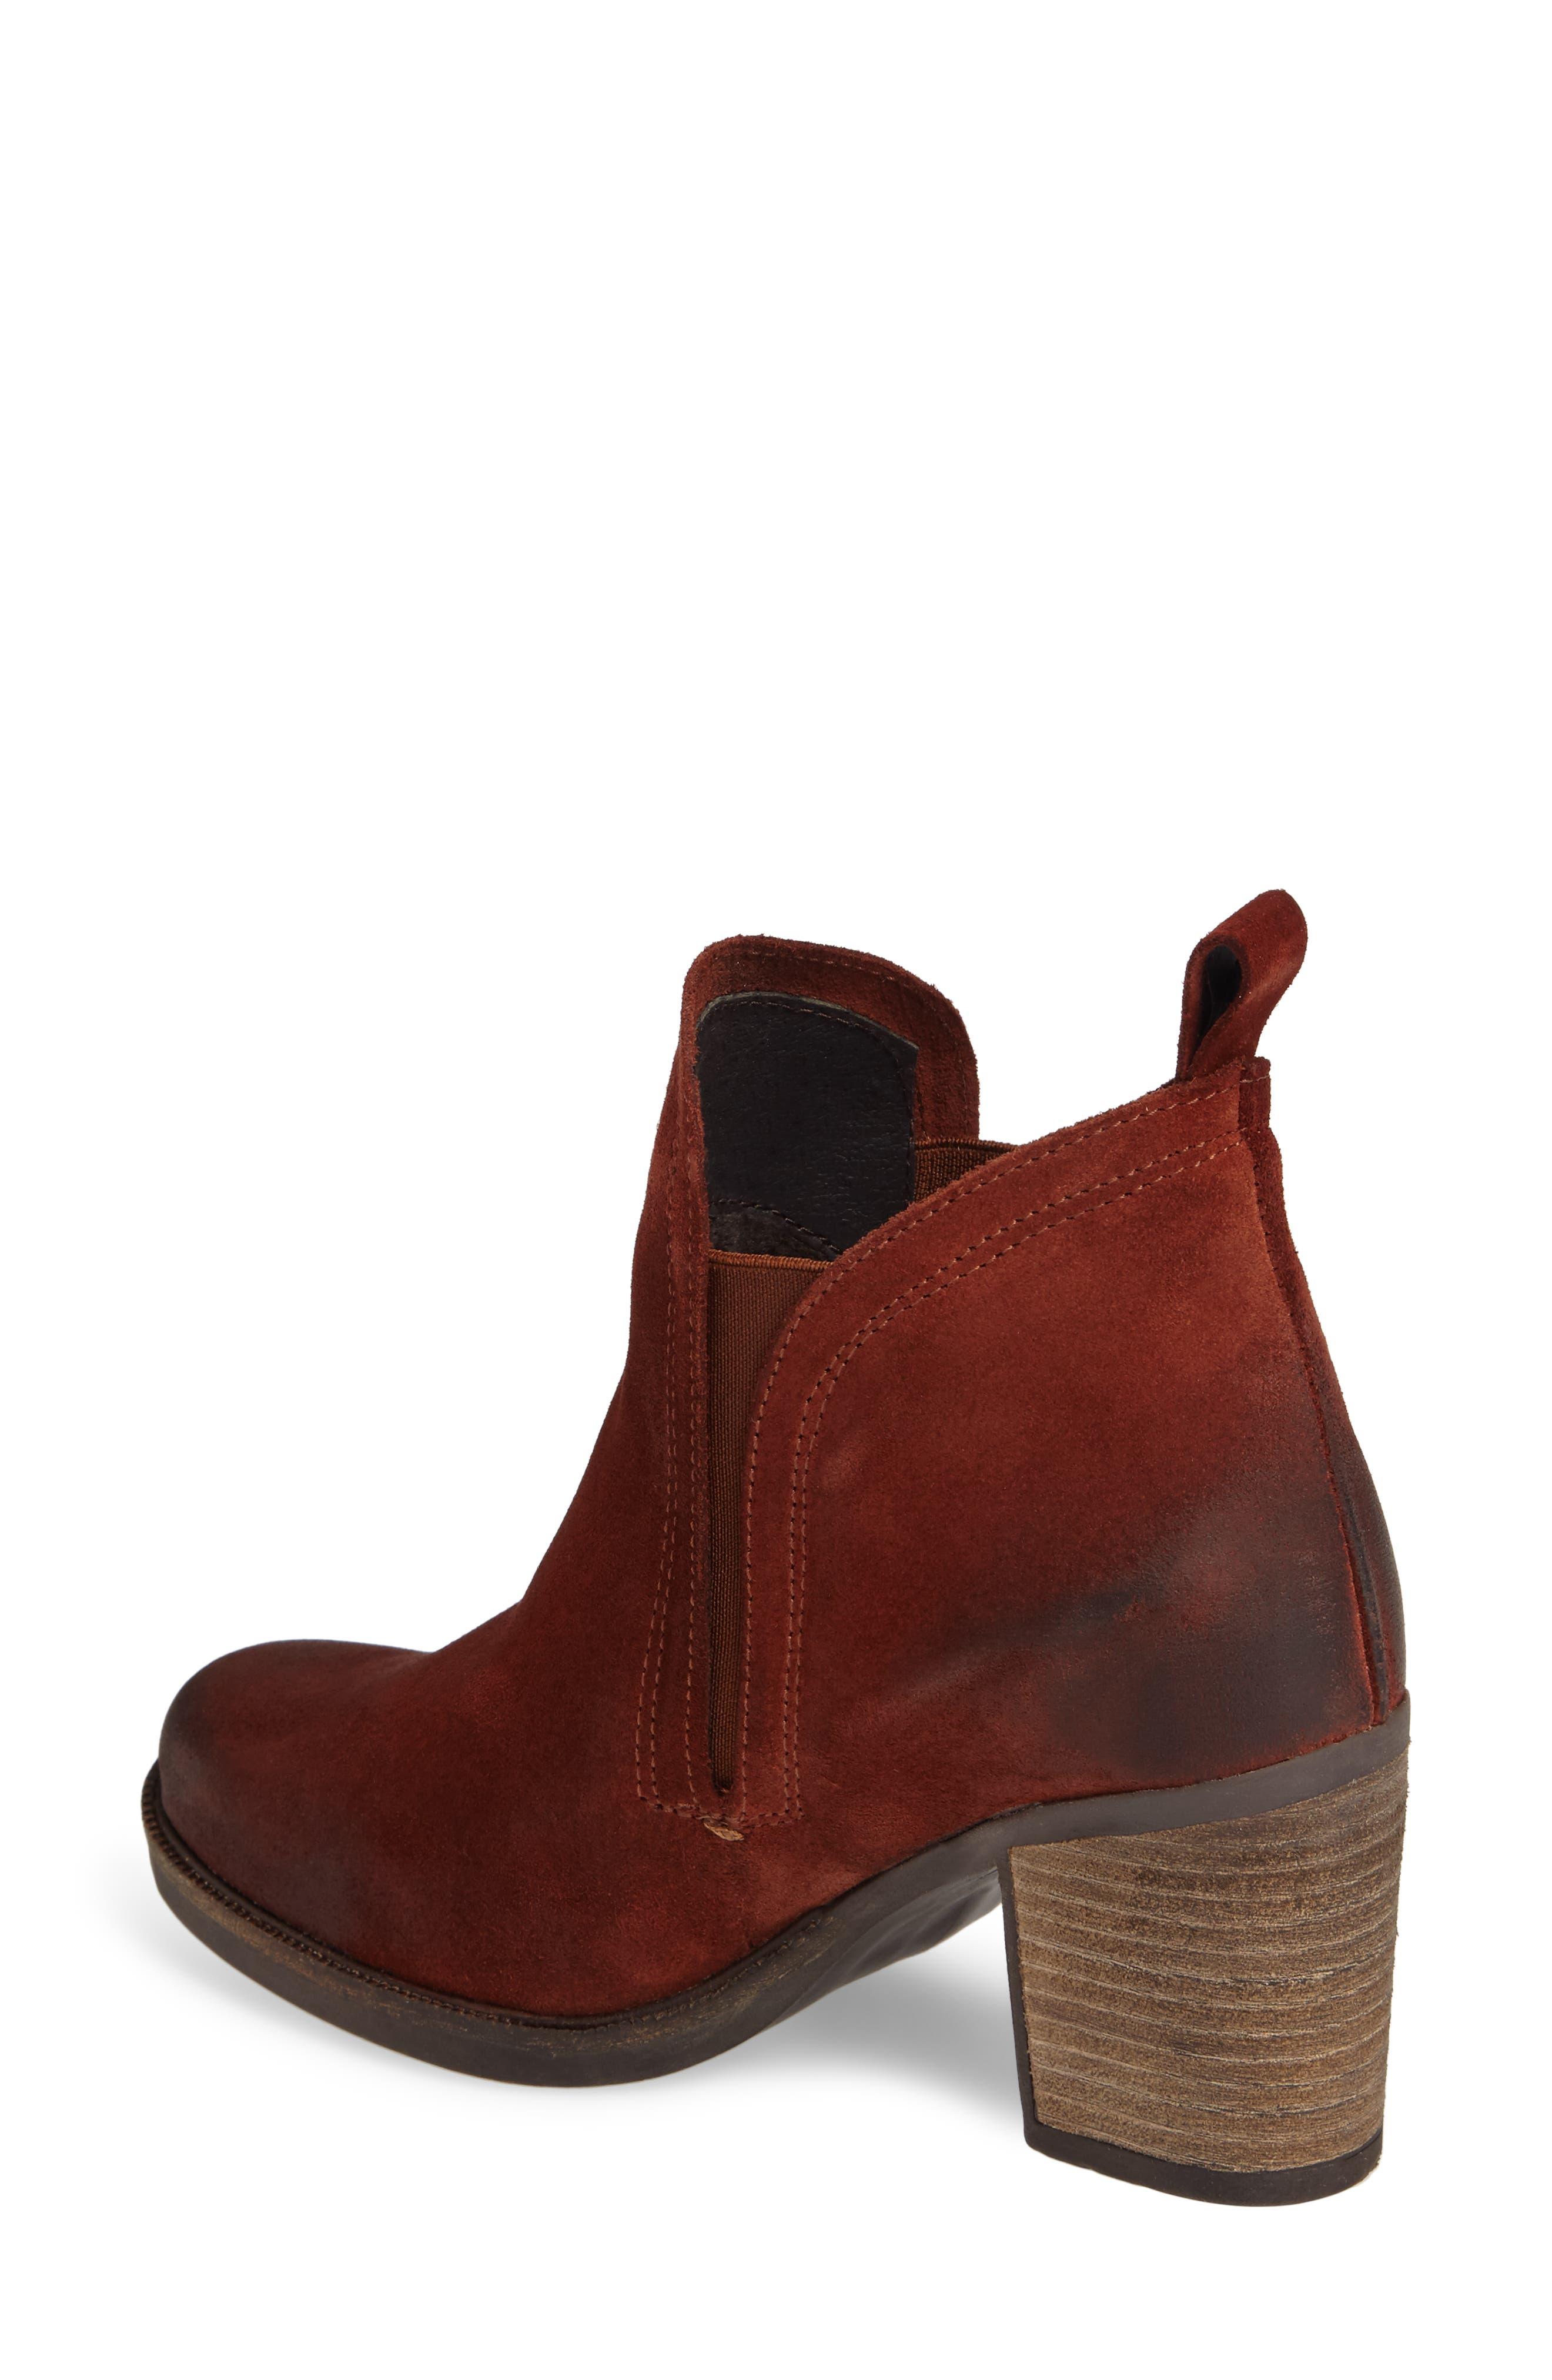 Alternate Image 2  - Bos. & Co. 'Belfield' Waterproof Chelsea Boot (Women)